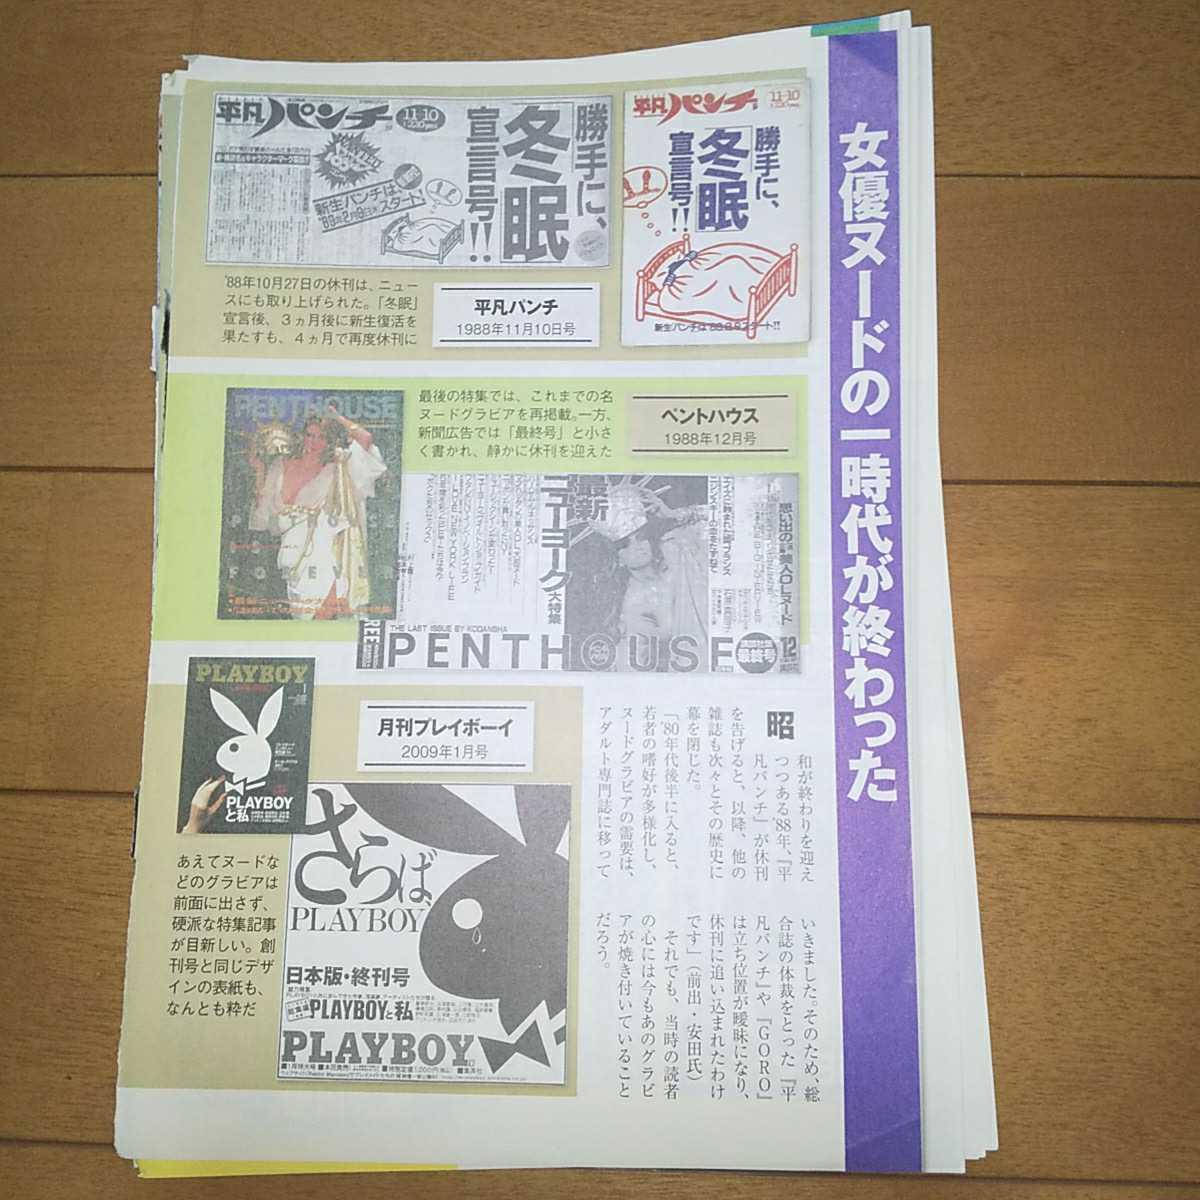 【雑誌切り抜き】 『GORO』『スコラ』『月刊プレイボーイ』『平凡パンチ』あの女優ヌードを憶えていますか 8P_画像5